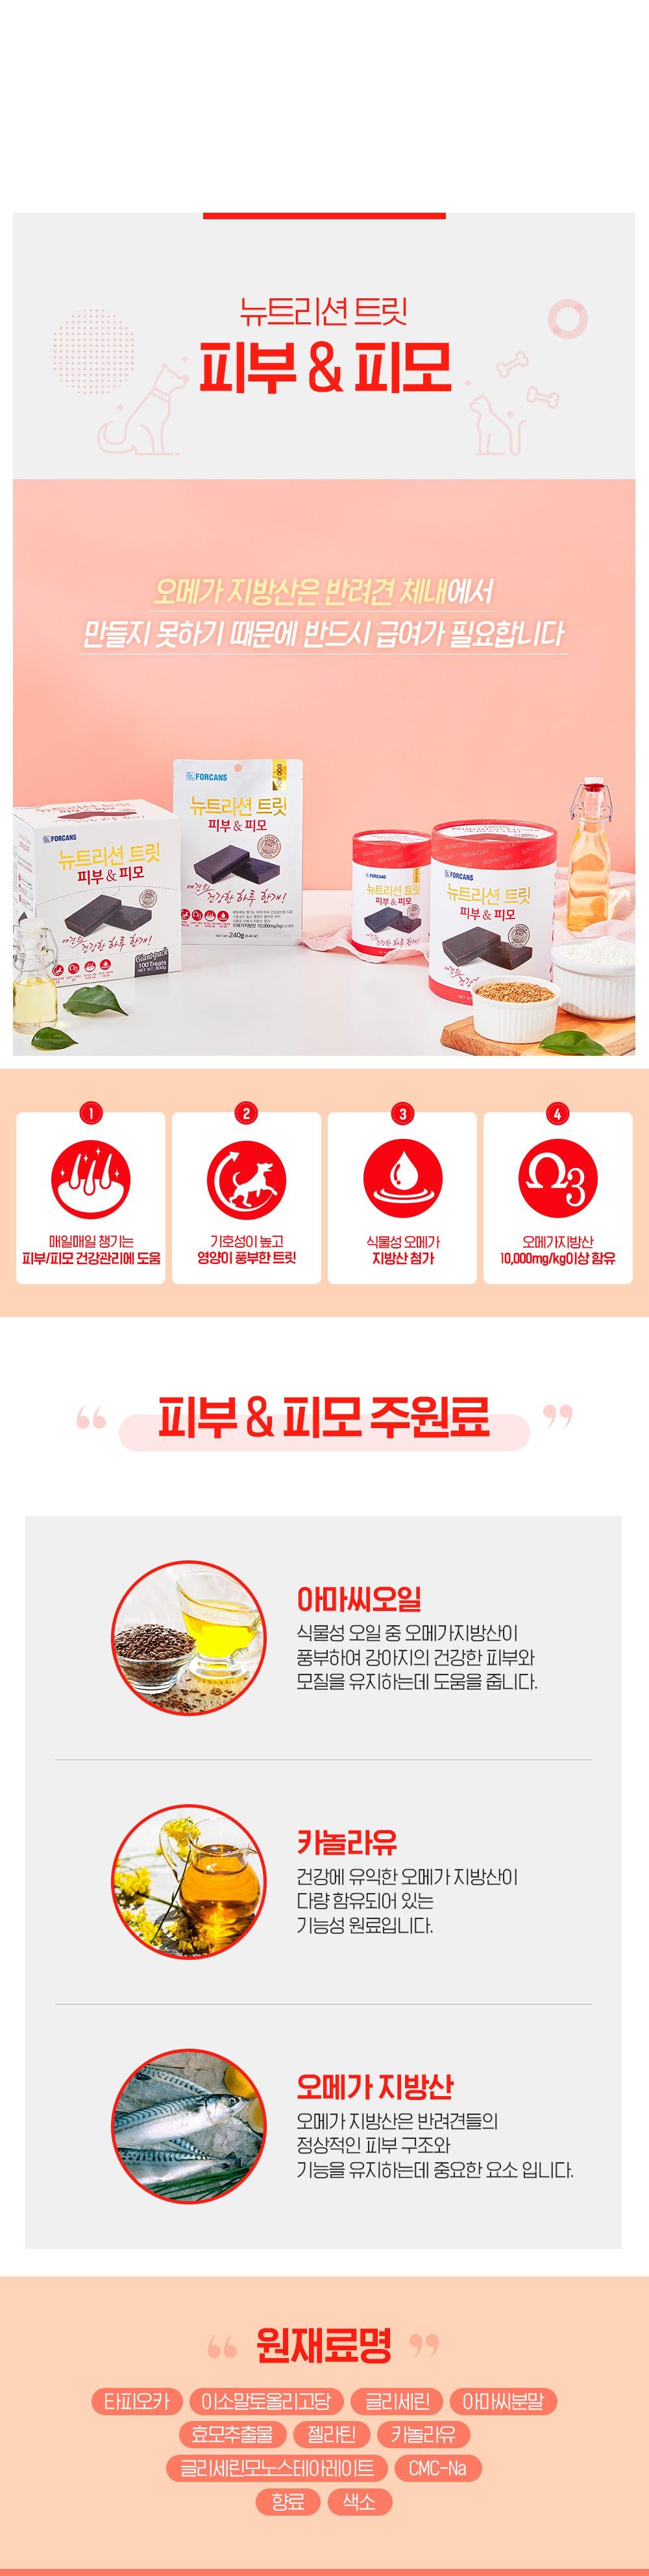 반려견 영양제 포켄스 뉴트리션 트릿 관절/면역 (240g)-상품이미지-2